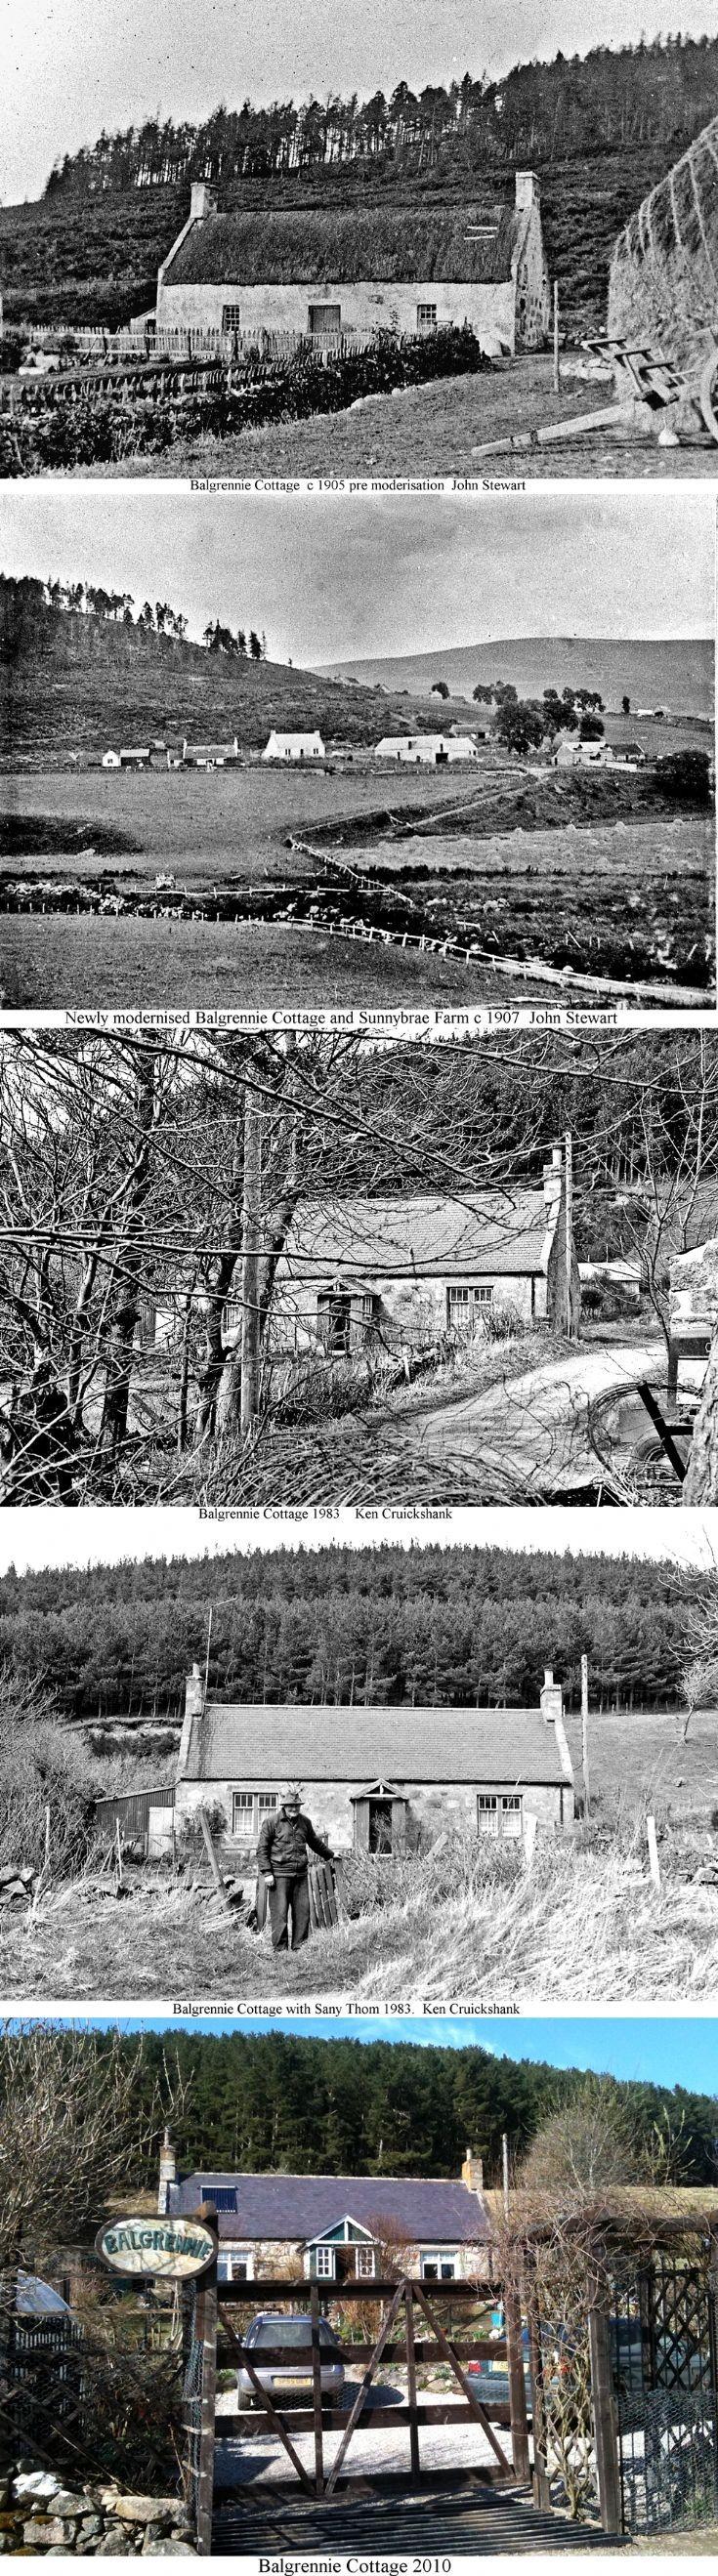 40 Balgrennie Cottage Glenbuchat changes with time